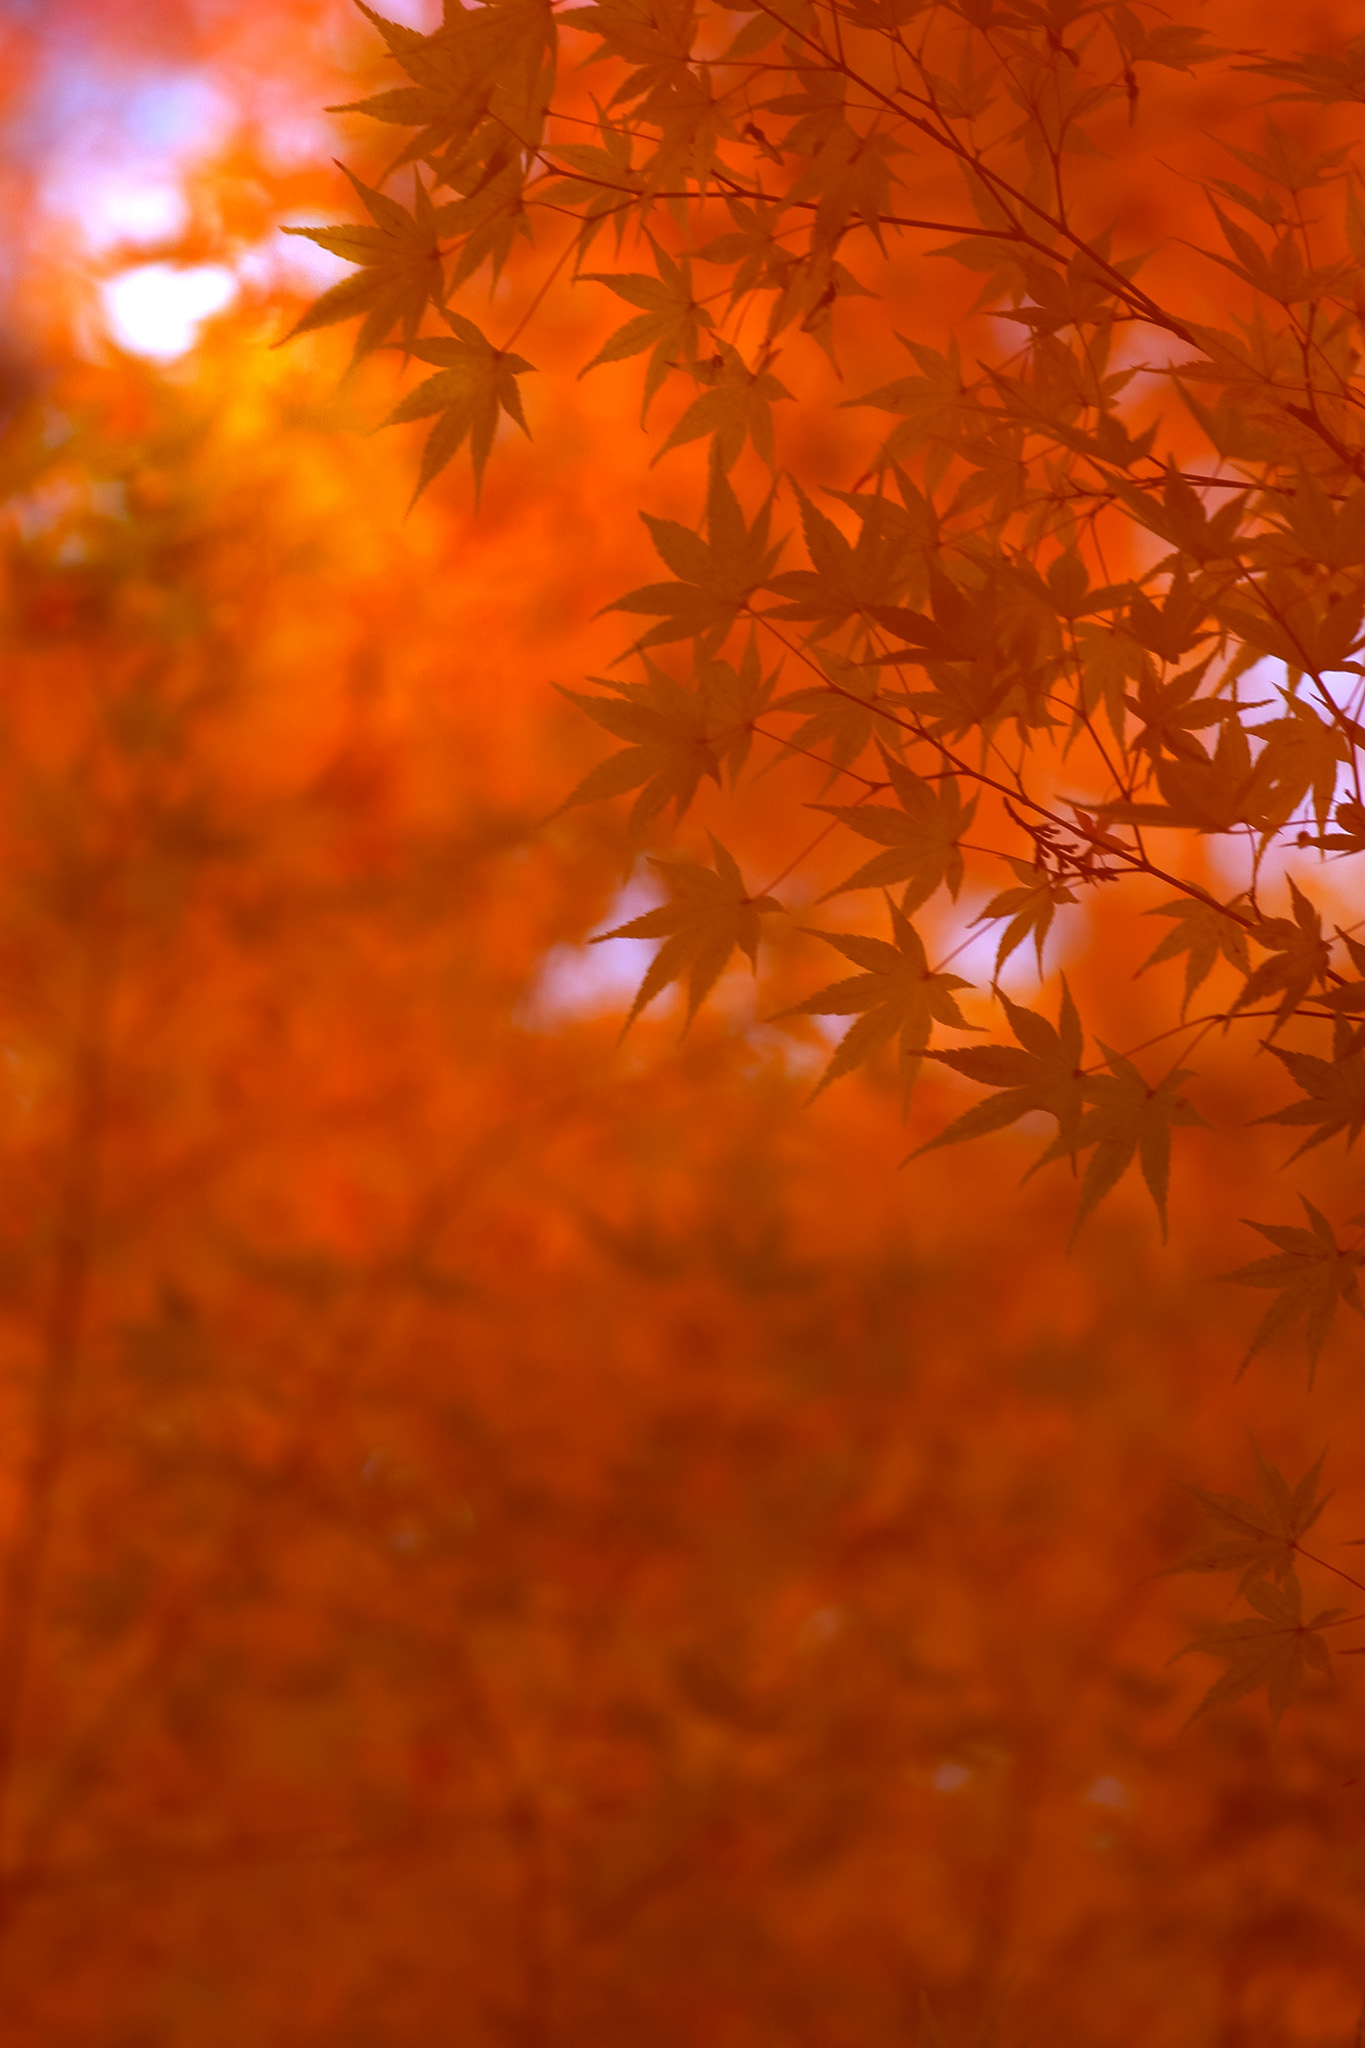 「和風の美しい紅葉背景」の画像を無料ダウンロード